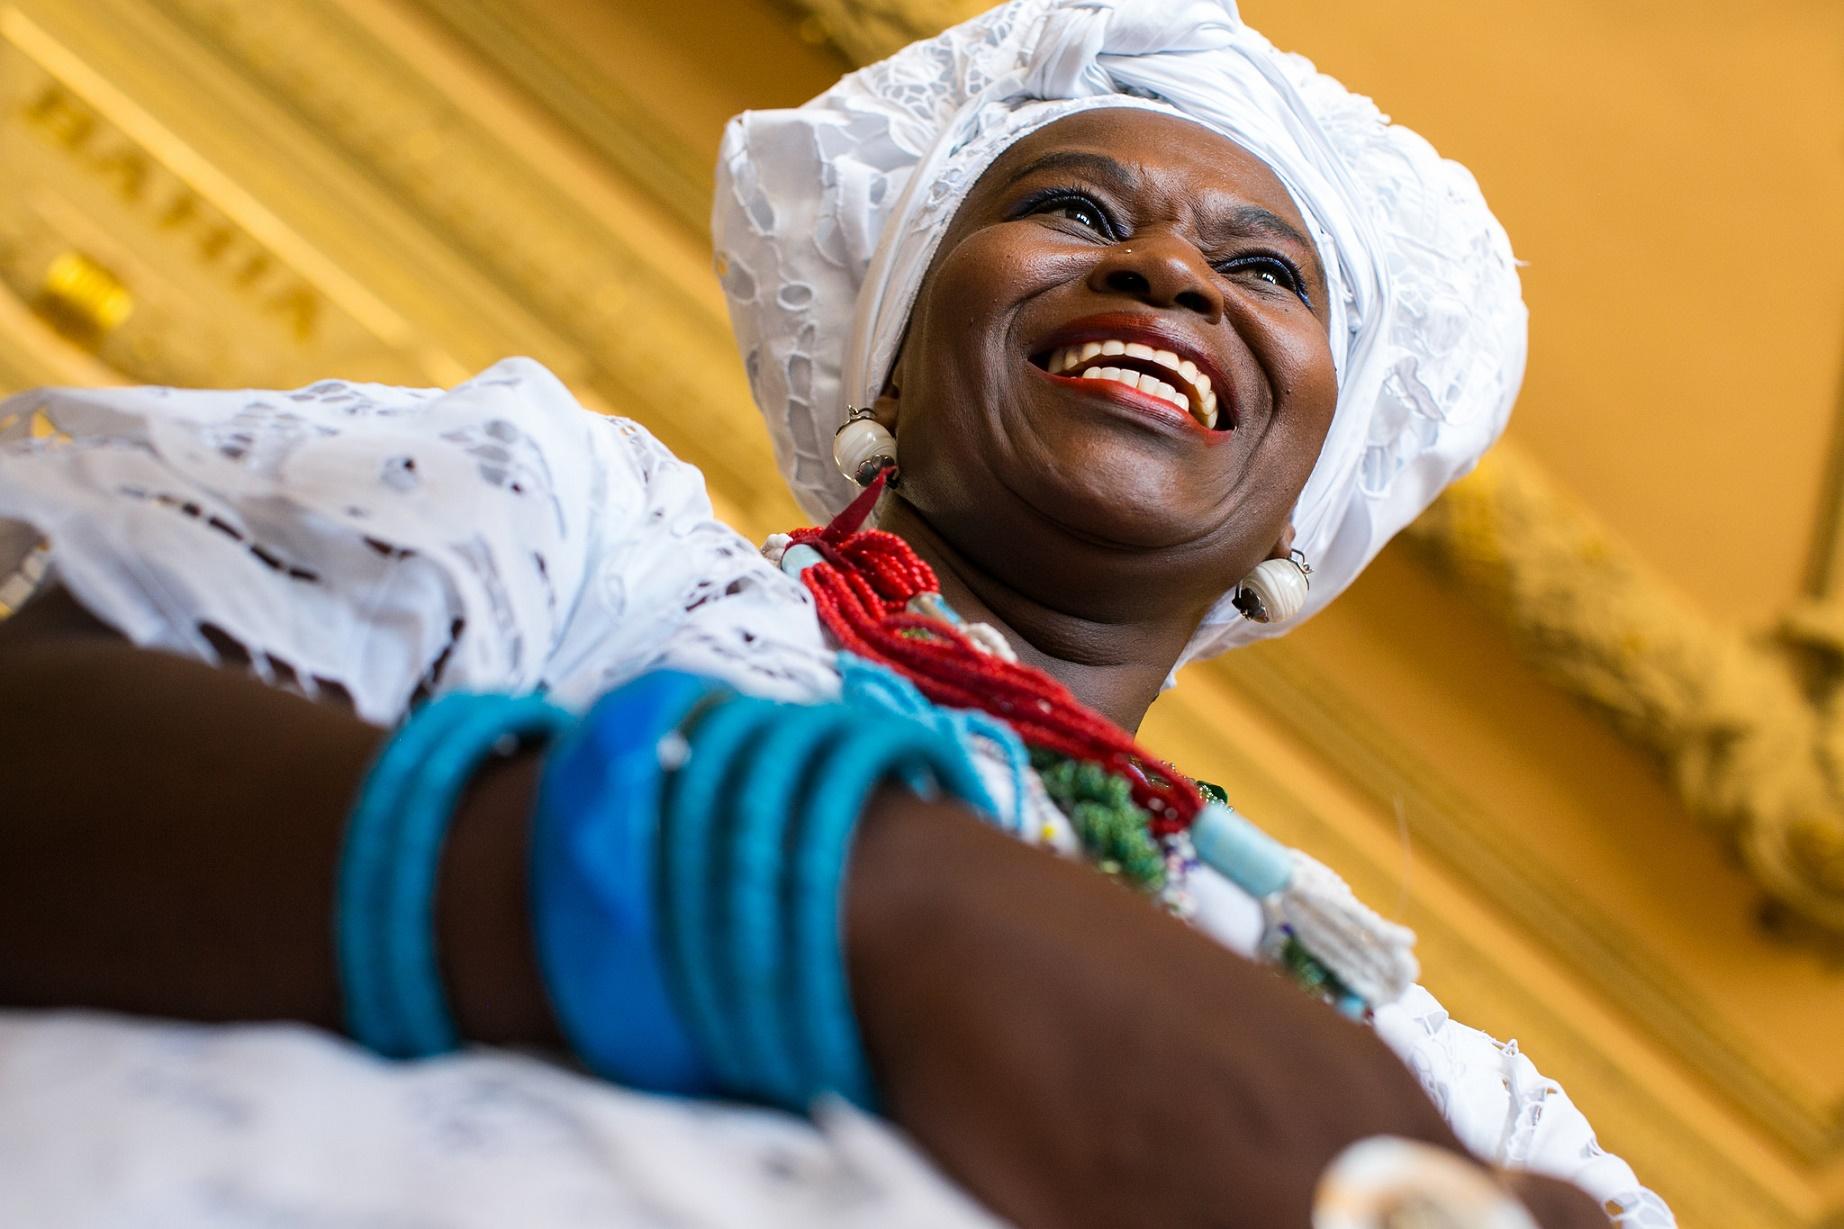 Presente há mais de 300 anos no Brasil, a cultura do acarajé foi celebrada no final do ano passado na posse do Conselho Gestor da Salvaguarda do Ofício de Baiana de Acarajé